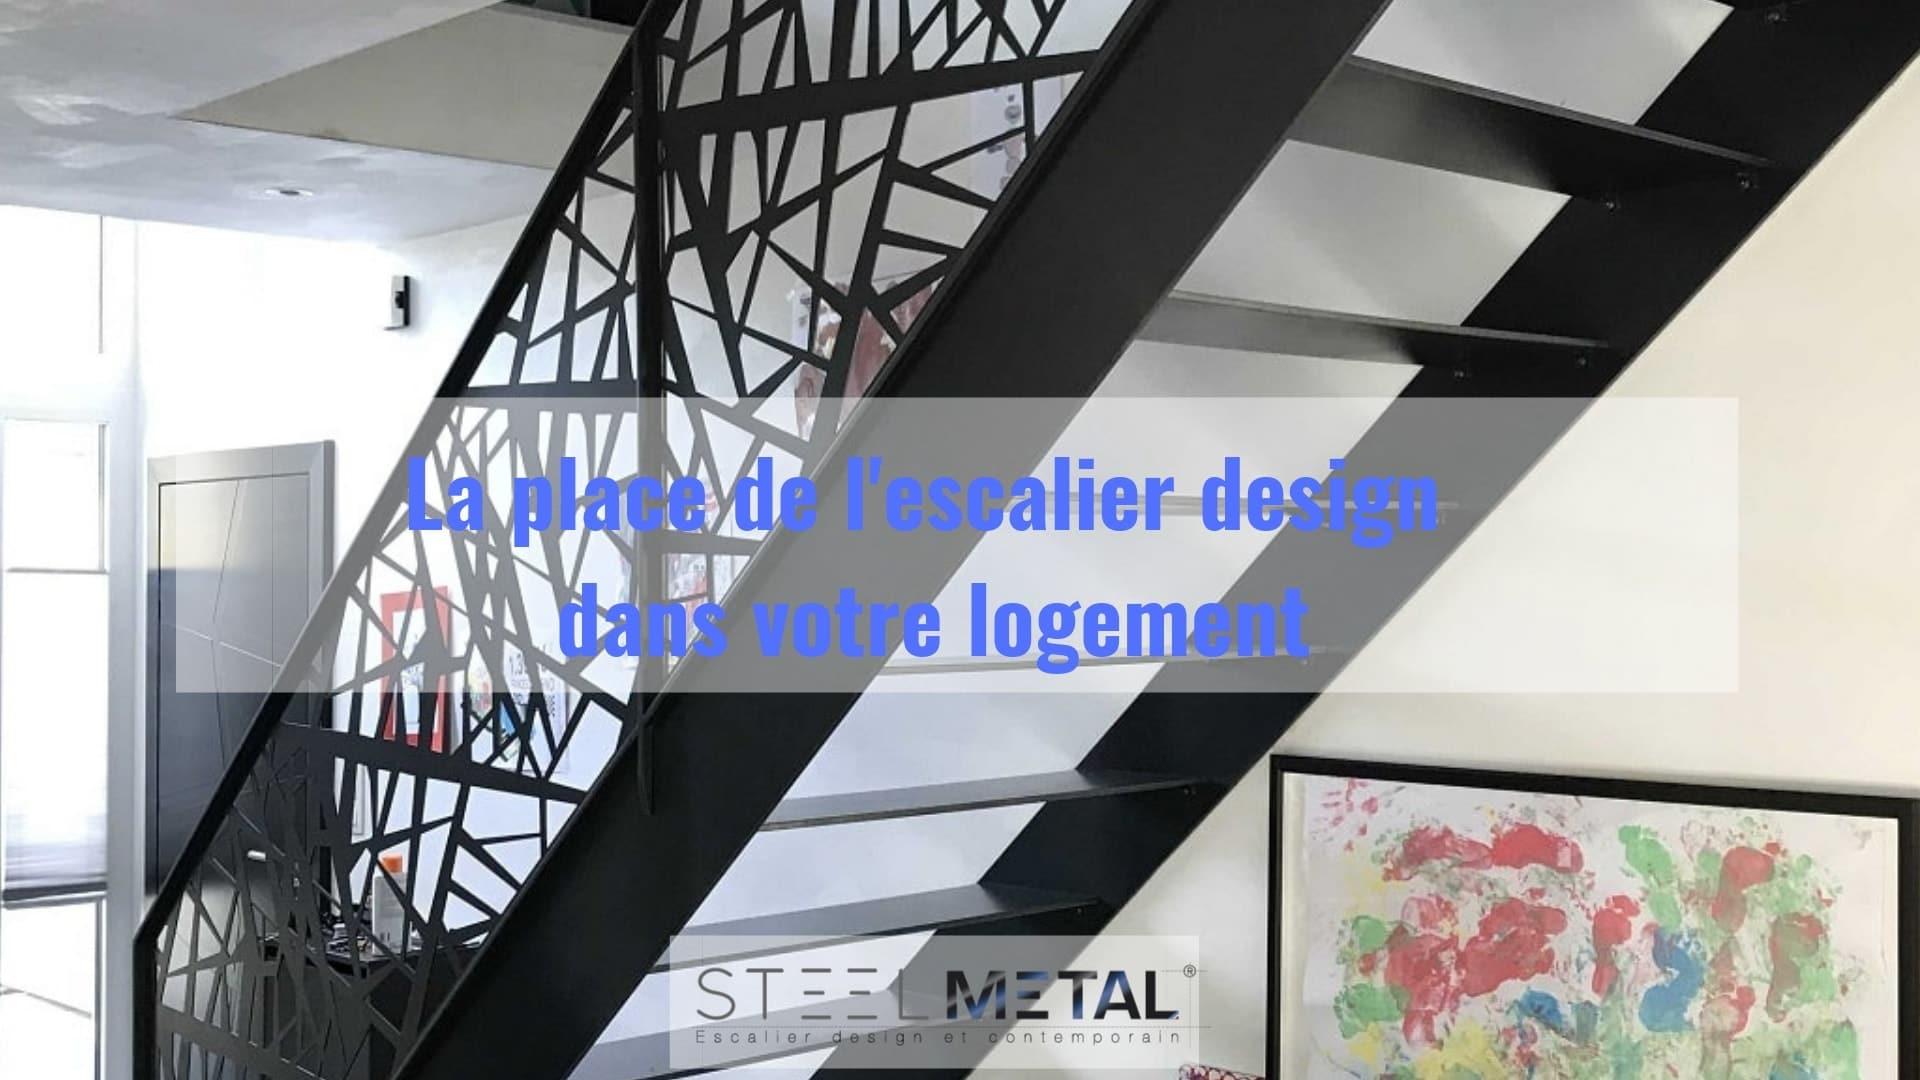 Escalier Interieur Beton Design la place de l'escalier design dans votre logement | steelmétal